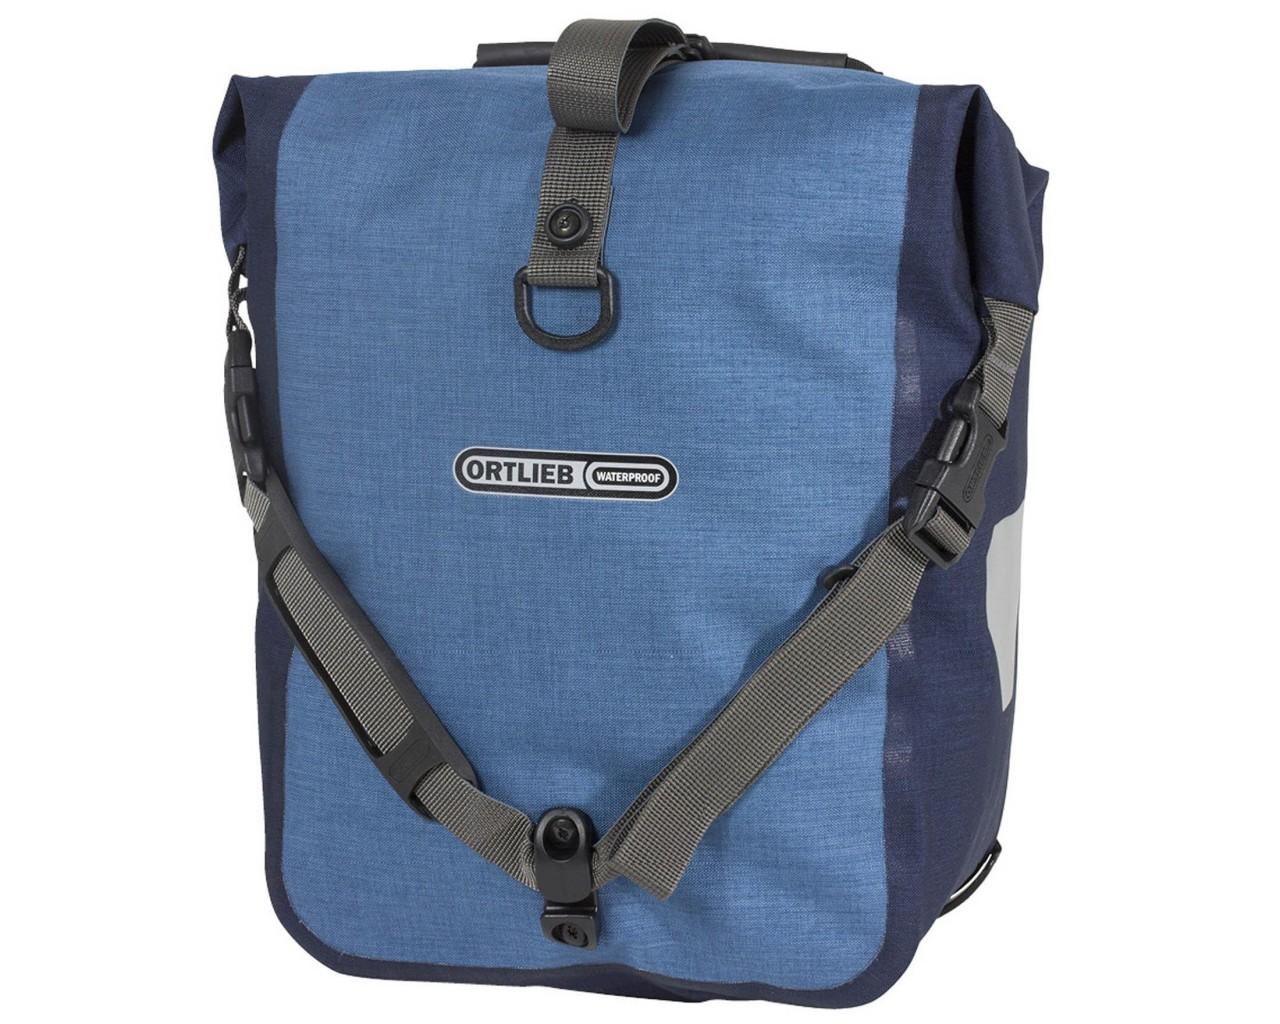 Ortlieb Front-Roller Plus QL2.1 waterproof cycle bags (pair) PVC-free | denim-stealblue